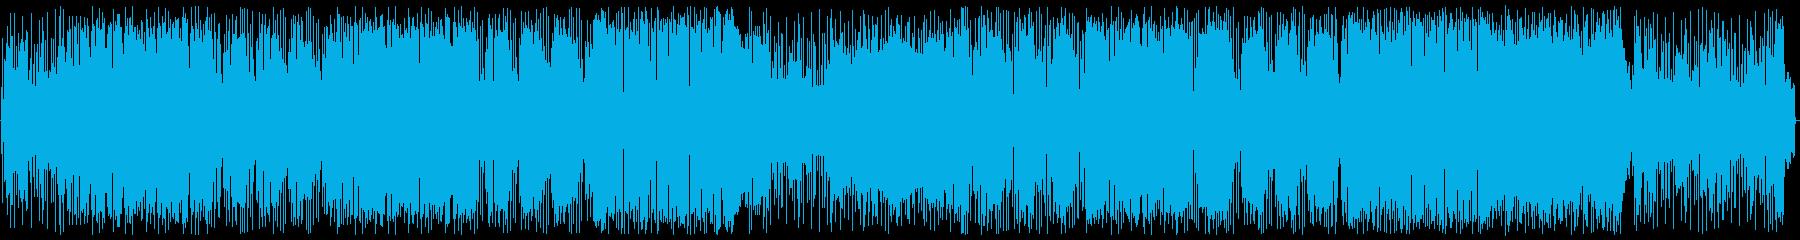 カフェミュージック:ポップの再生済みの波形